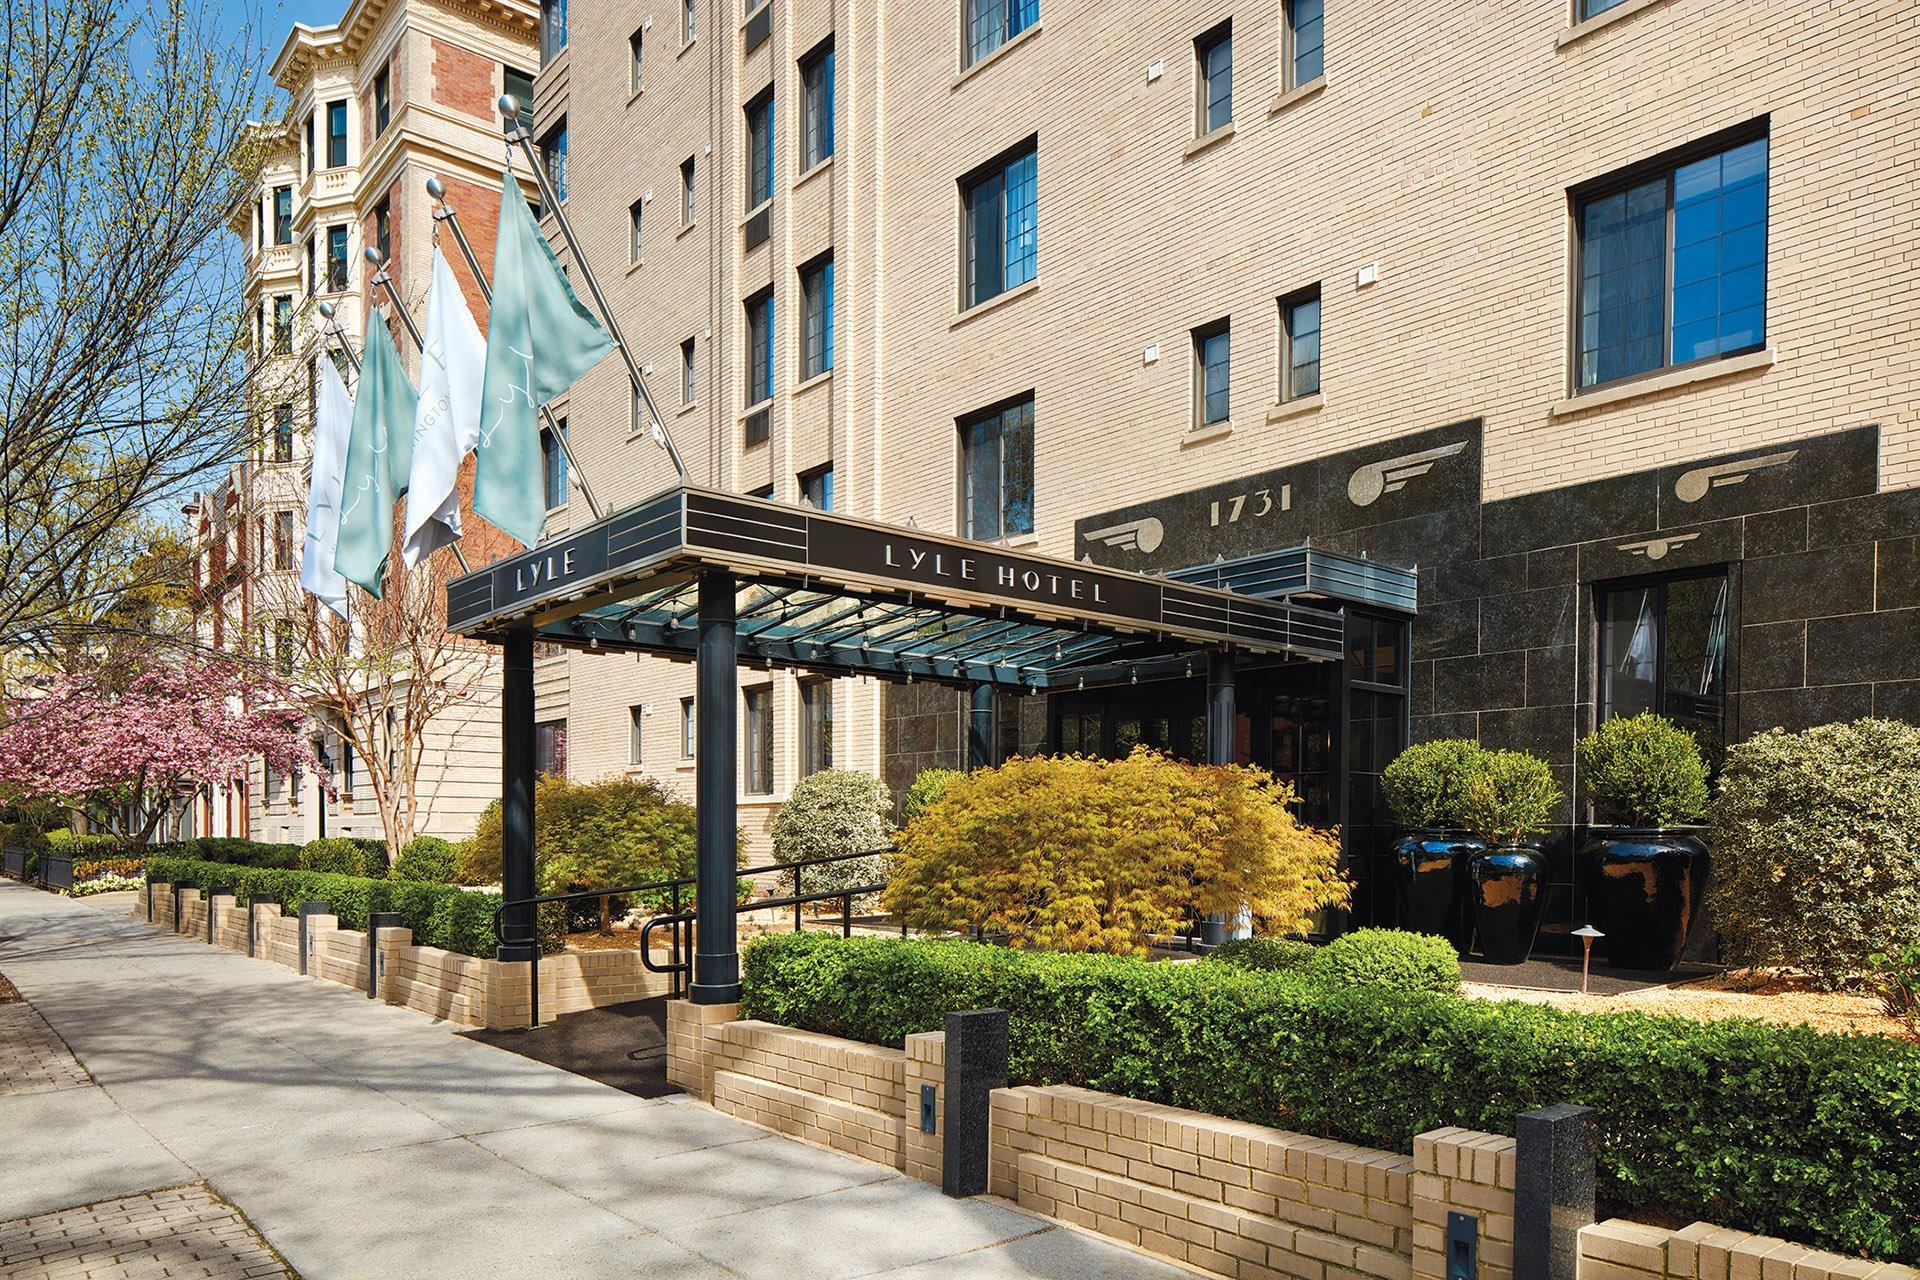 Lyle Hotel Washington DC